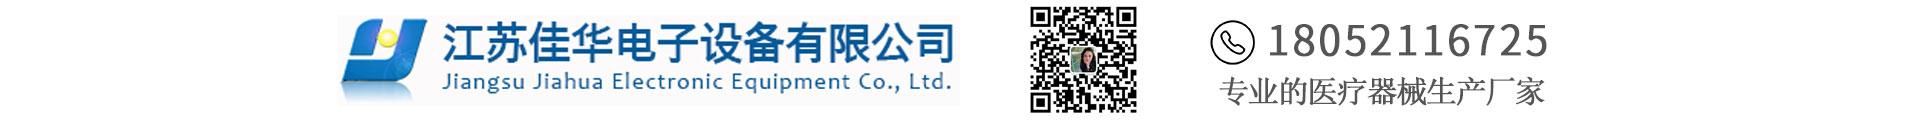 江苏佳华电子设备有限公司